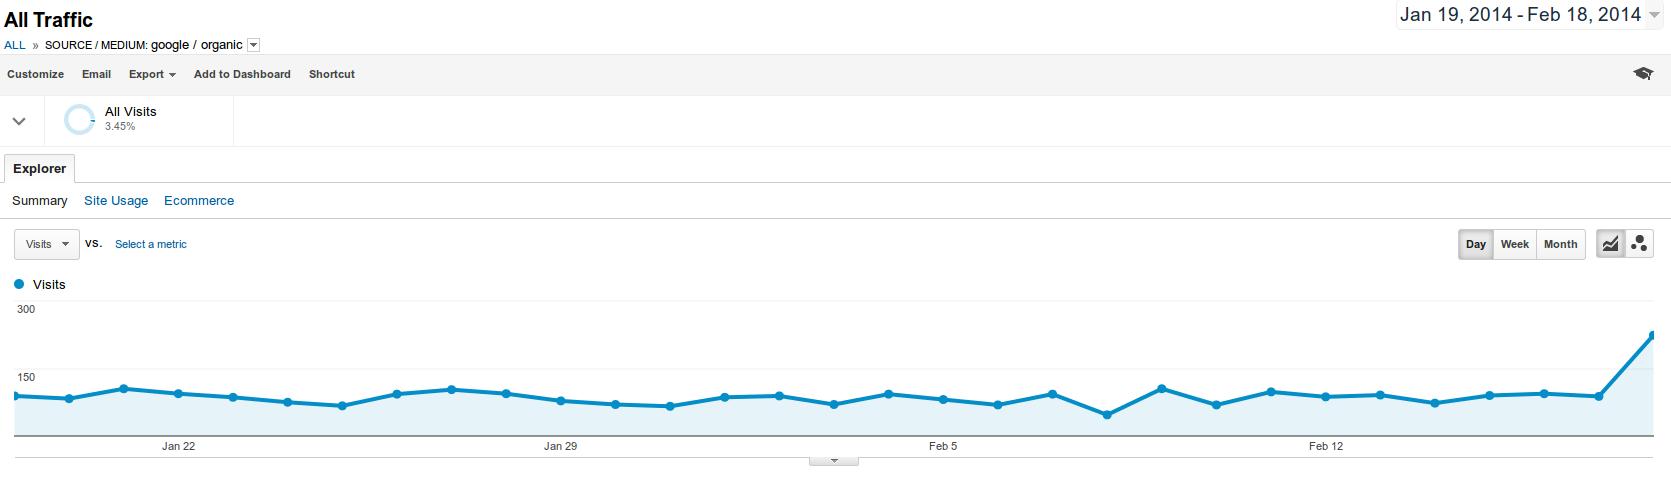 google-update-2014-02-webseite-3